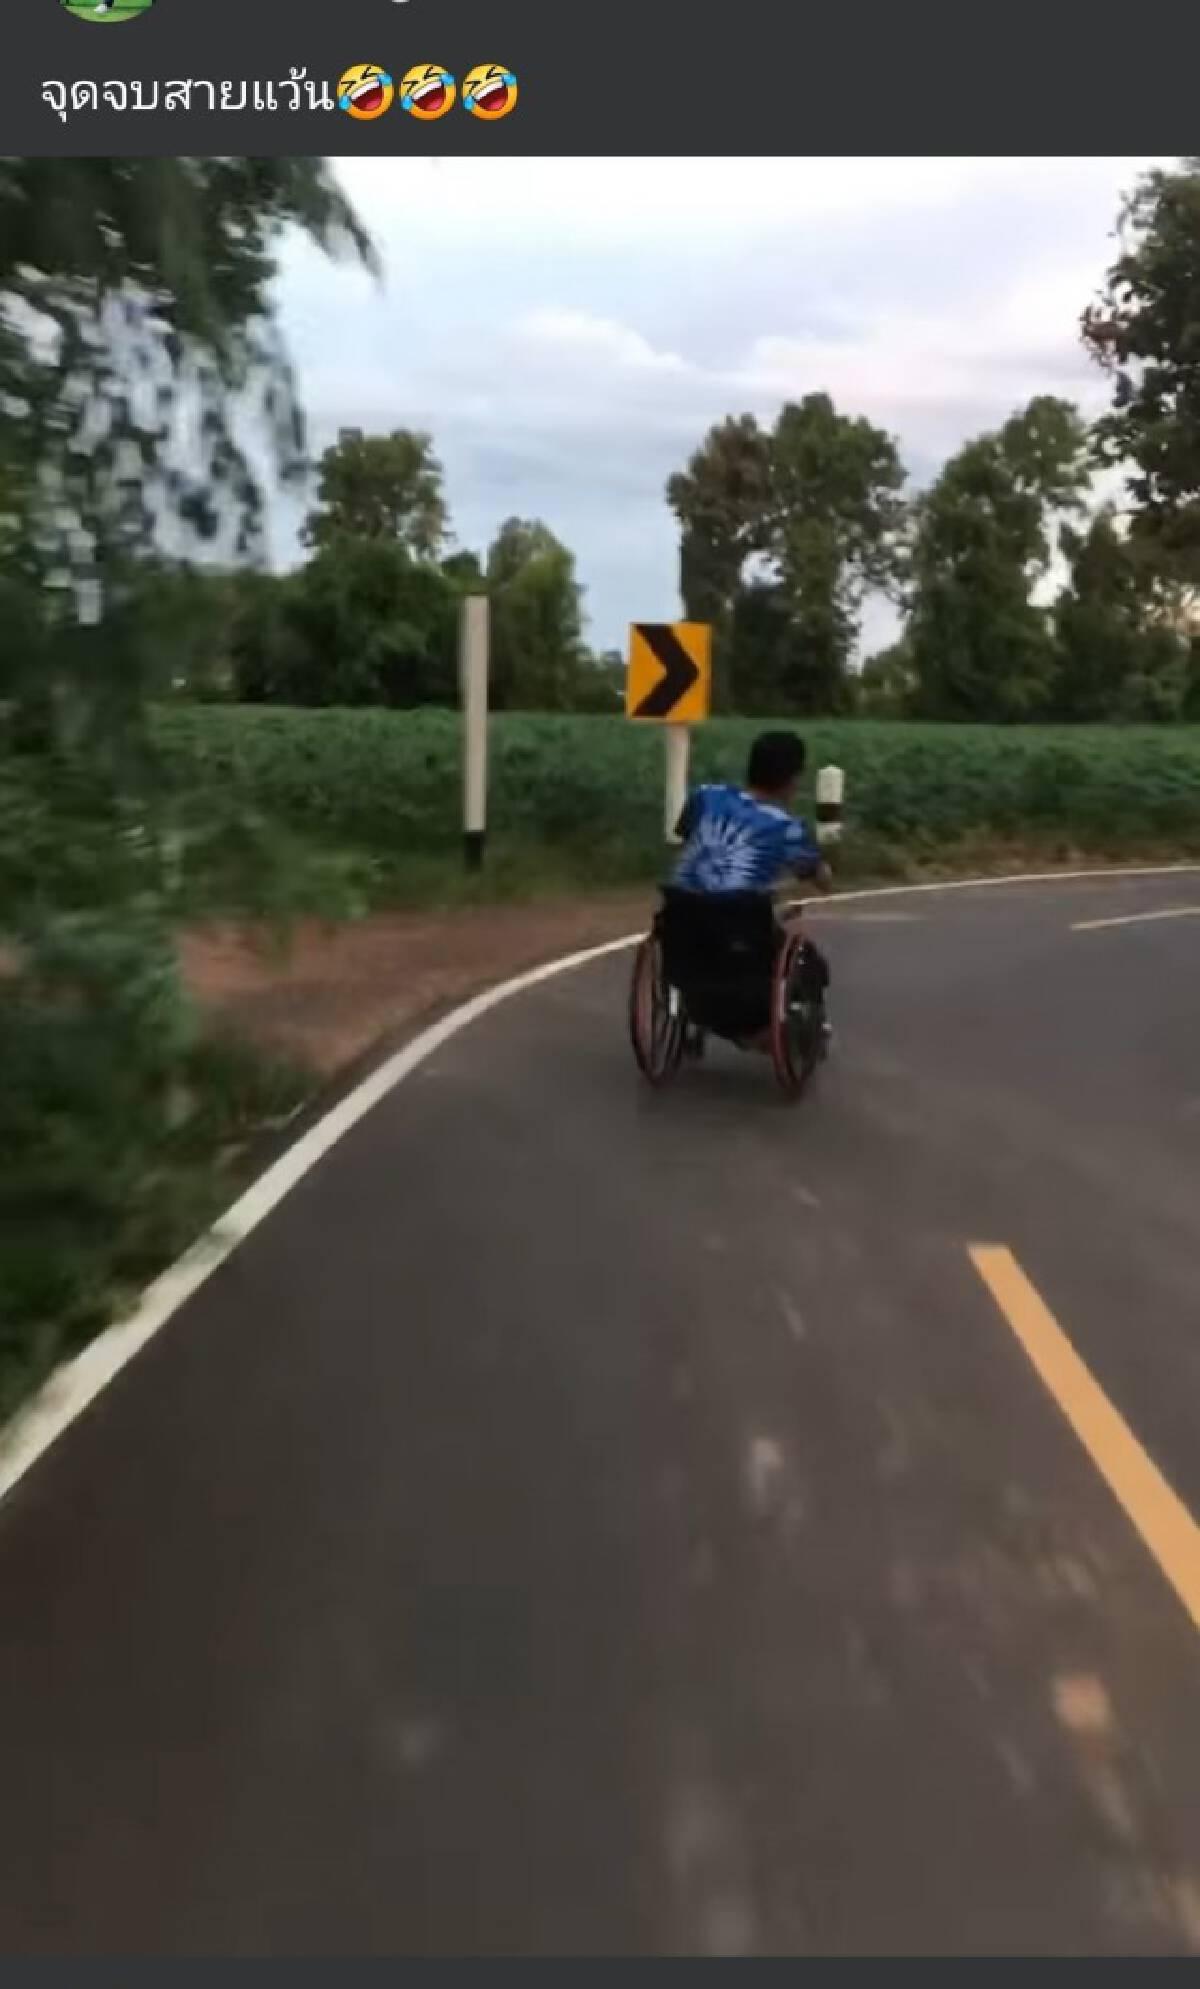 หนุ่มพิการคึกคะนองนำวีลแชร์ต่อหัวลากไฟฟ้าวิ่งบนถนนหลุดโค้งบาดเจ็บ